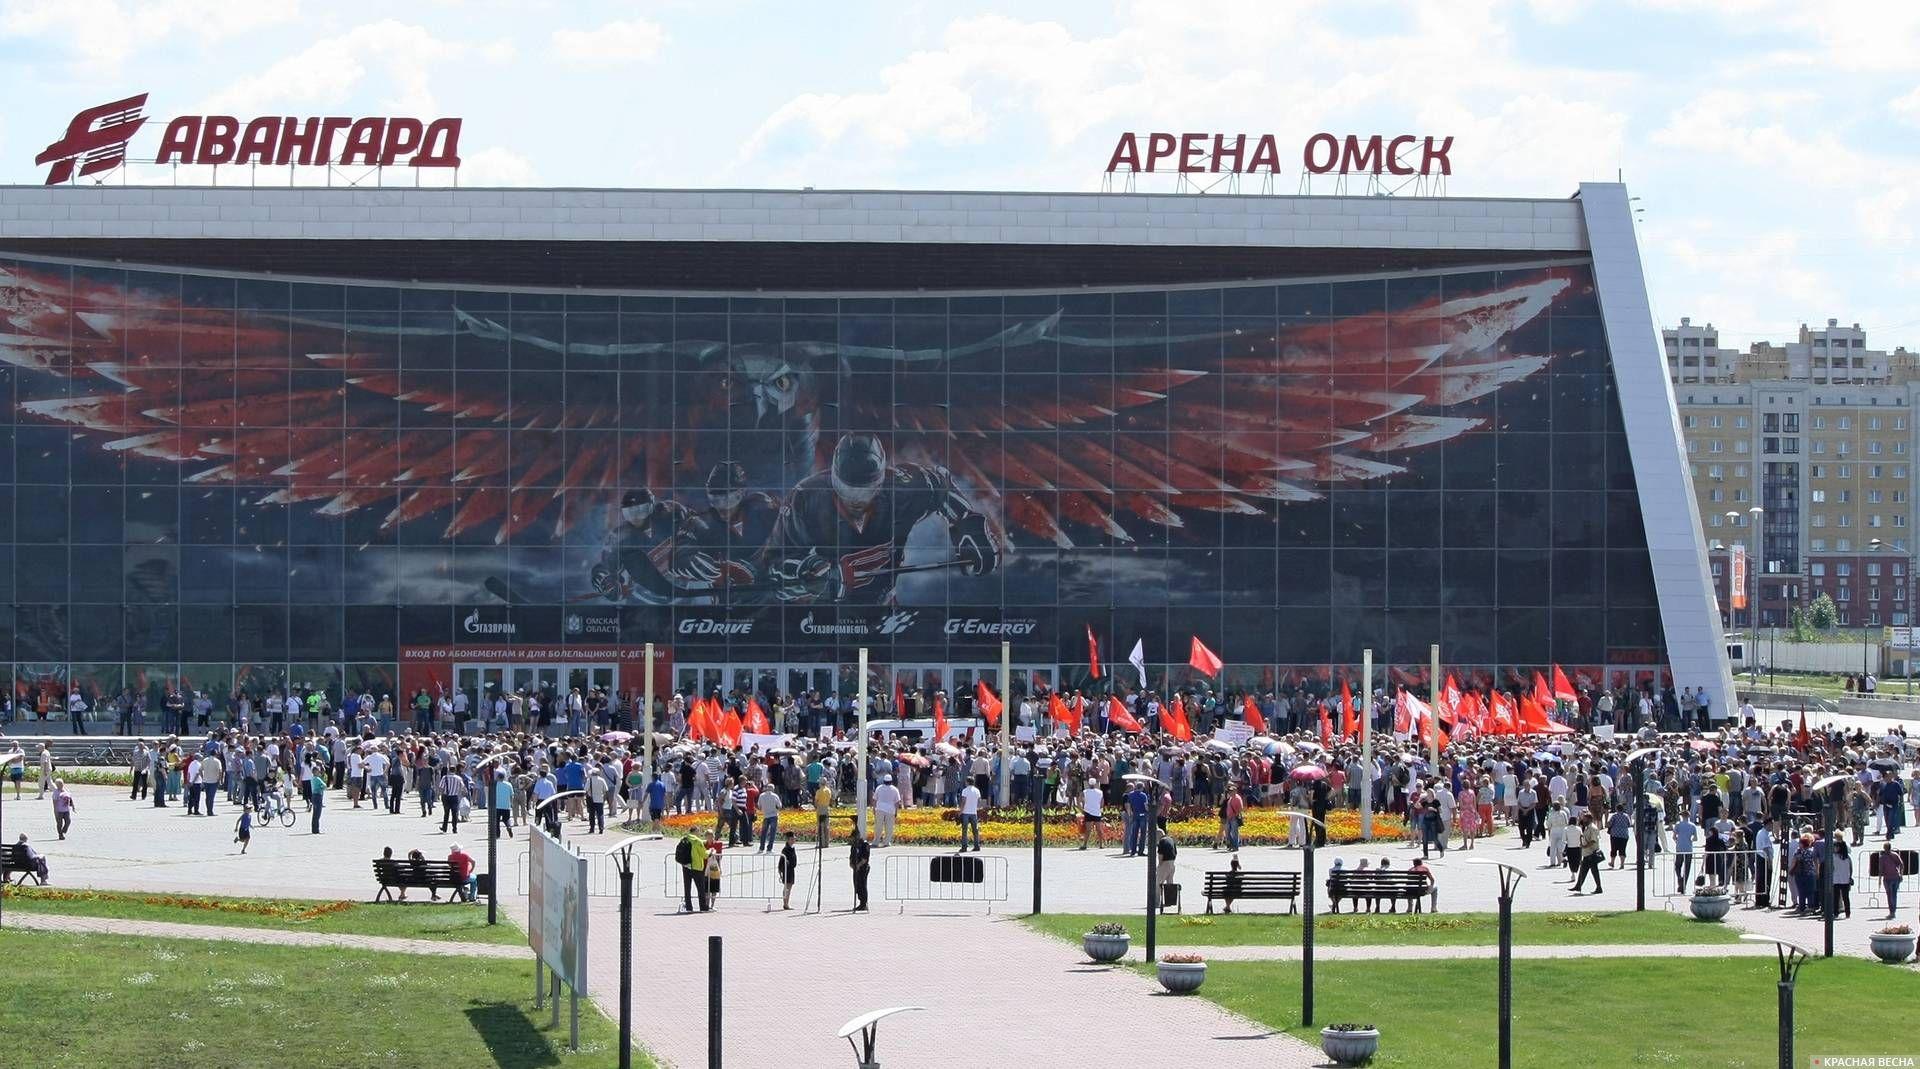 «Арена Омск» - спортивно концертный комплекс, построенный в 2007 году для проведения хоккейных матчей команды «Авангард». В 2018 году признан аварийным, в 2019 году принято решение о его сносе